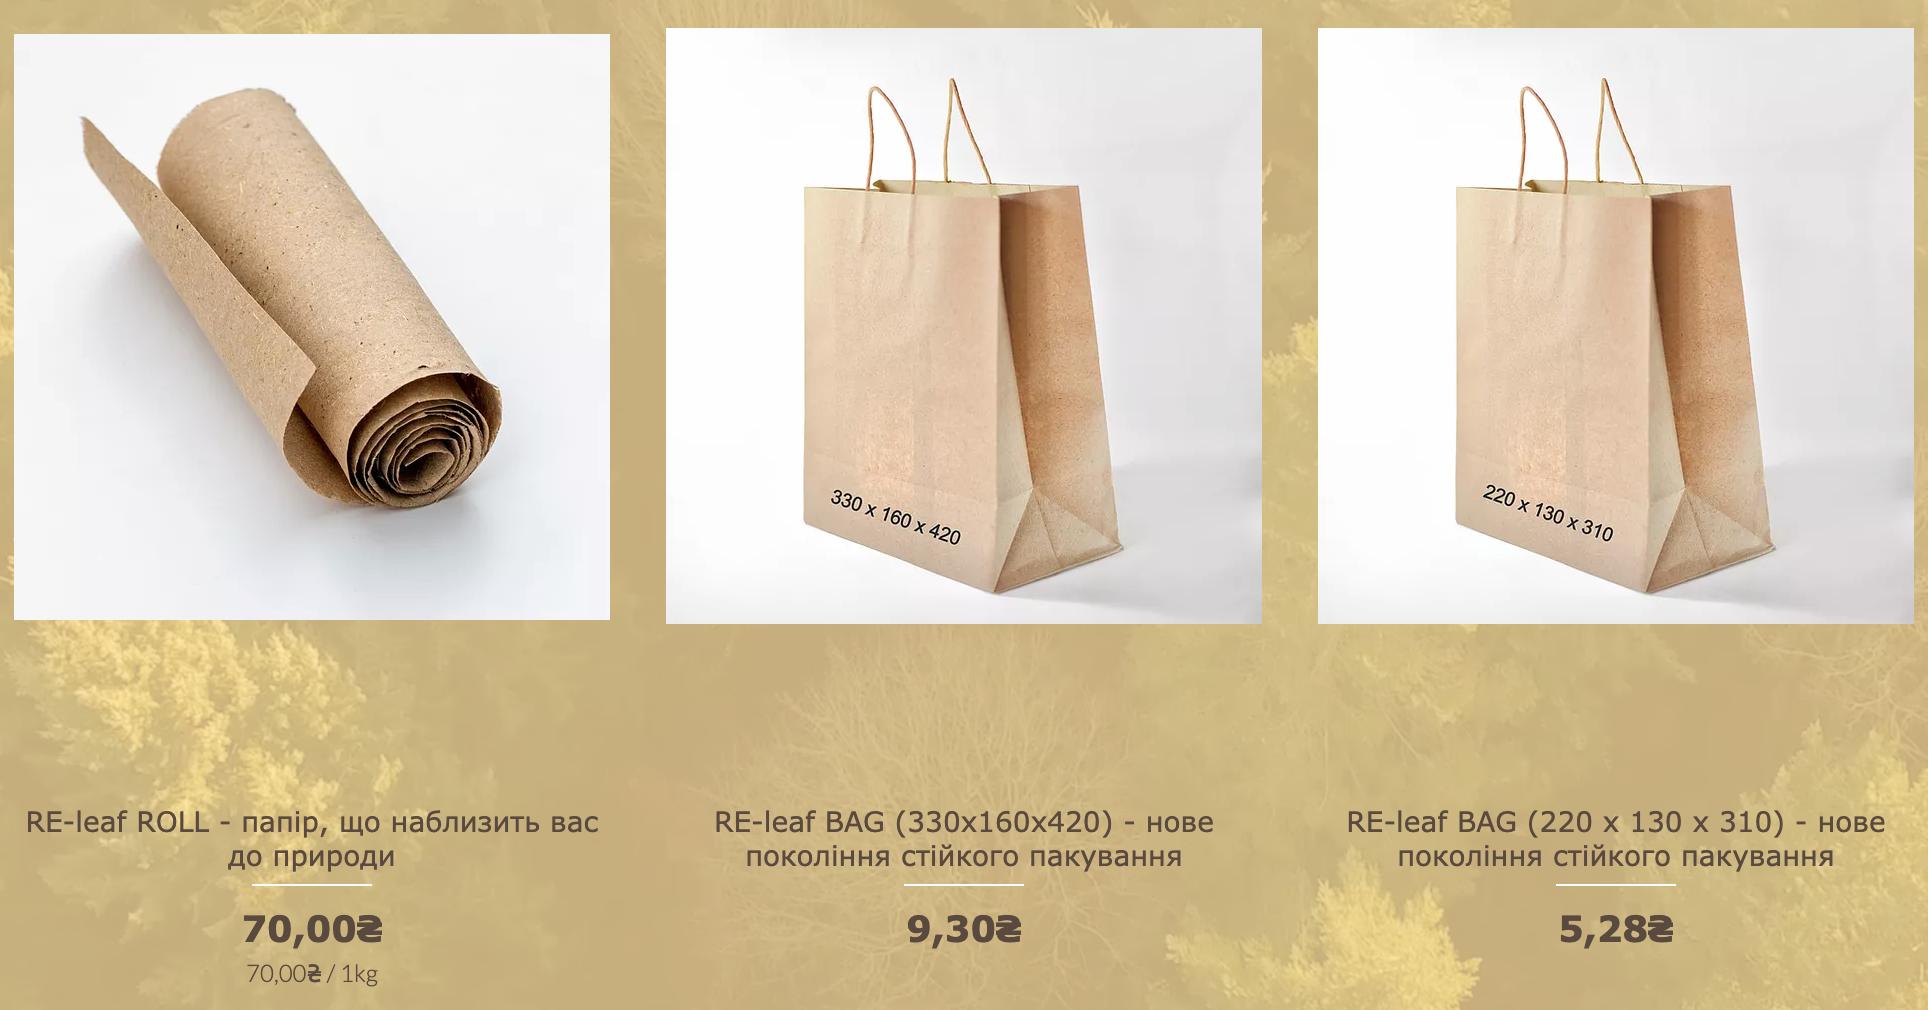 Украинский стартап RE-leaf запустил онлайн-магазин c бумагой из опавших листьев